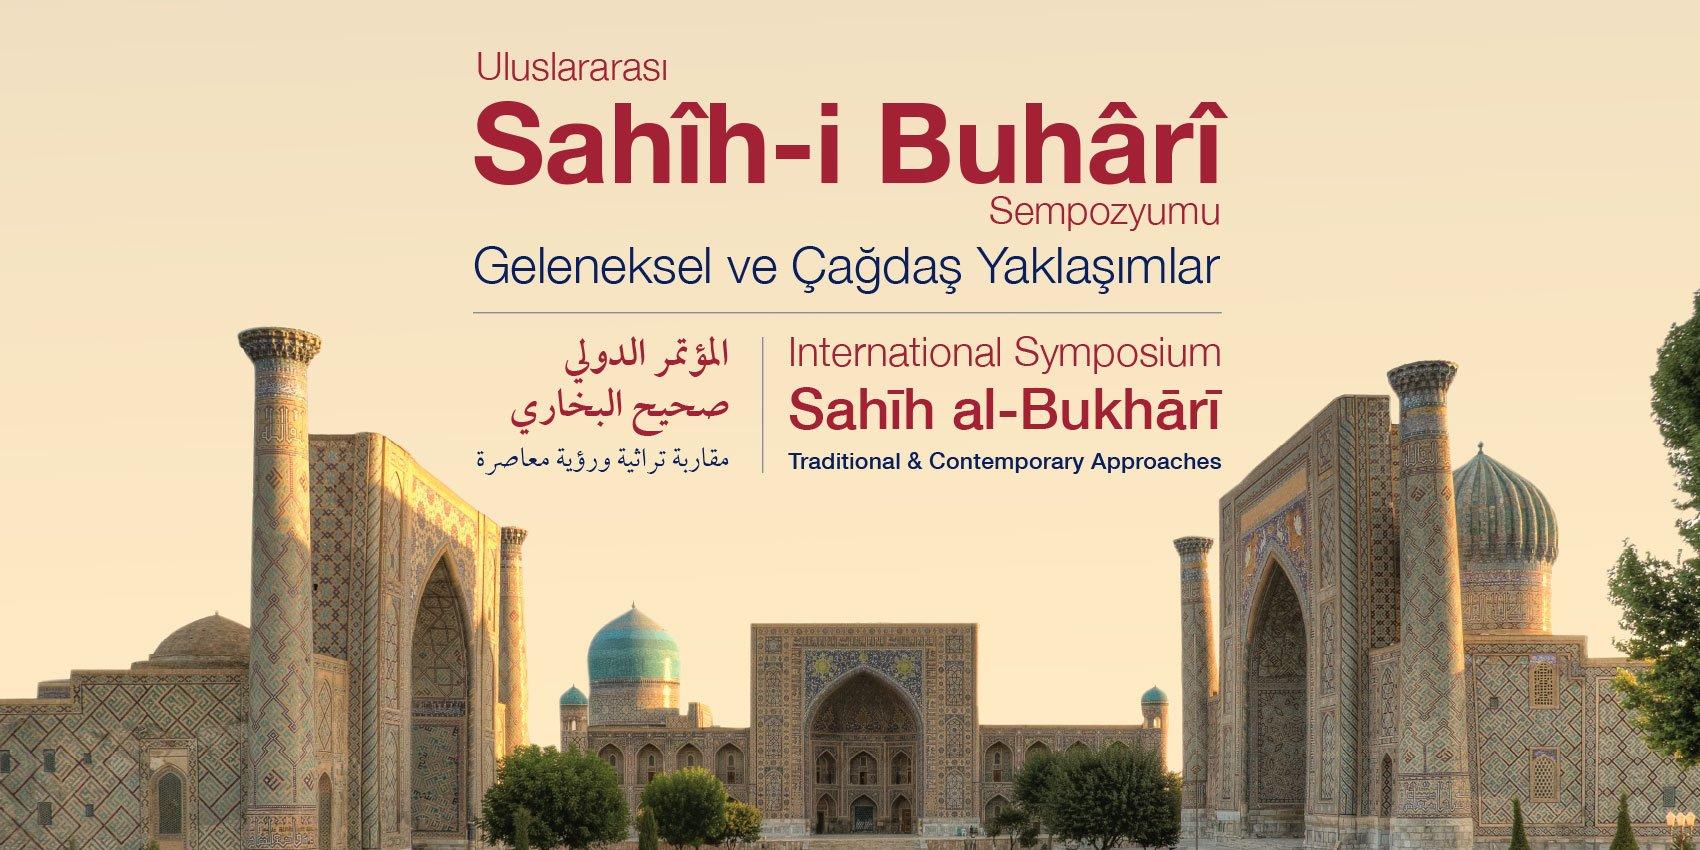 المؤتمر الدولي صحيح البخاري: مقاربة تراثية ورؤية معاصرة